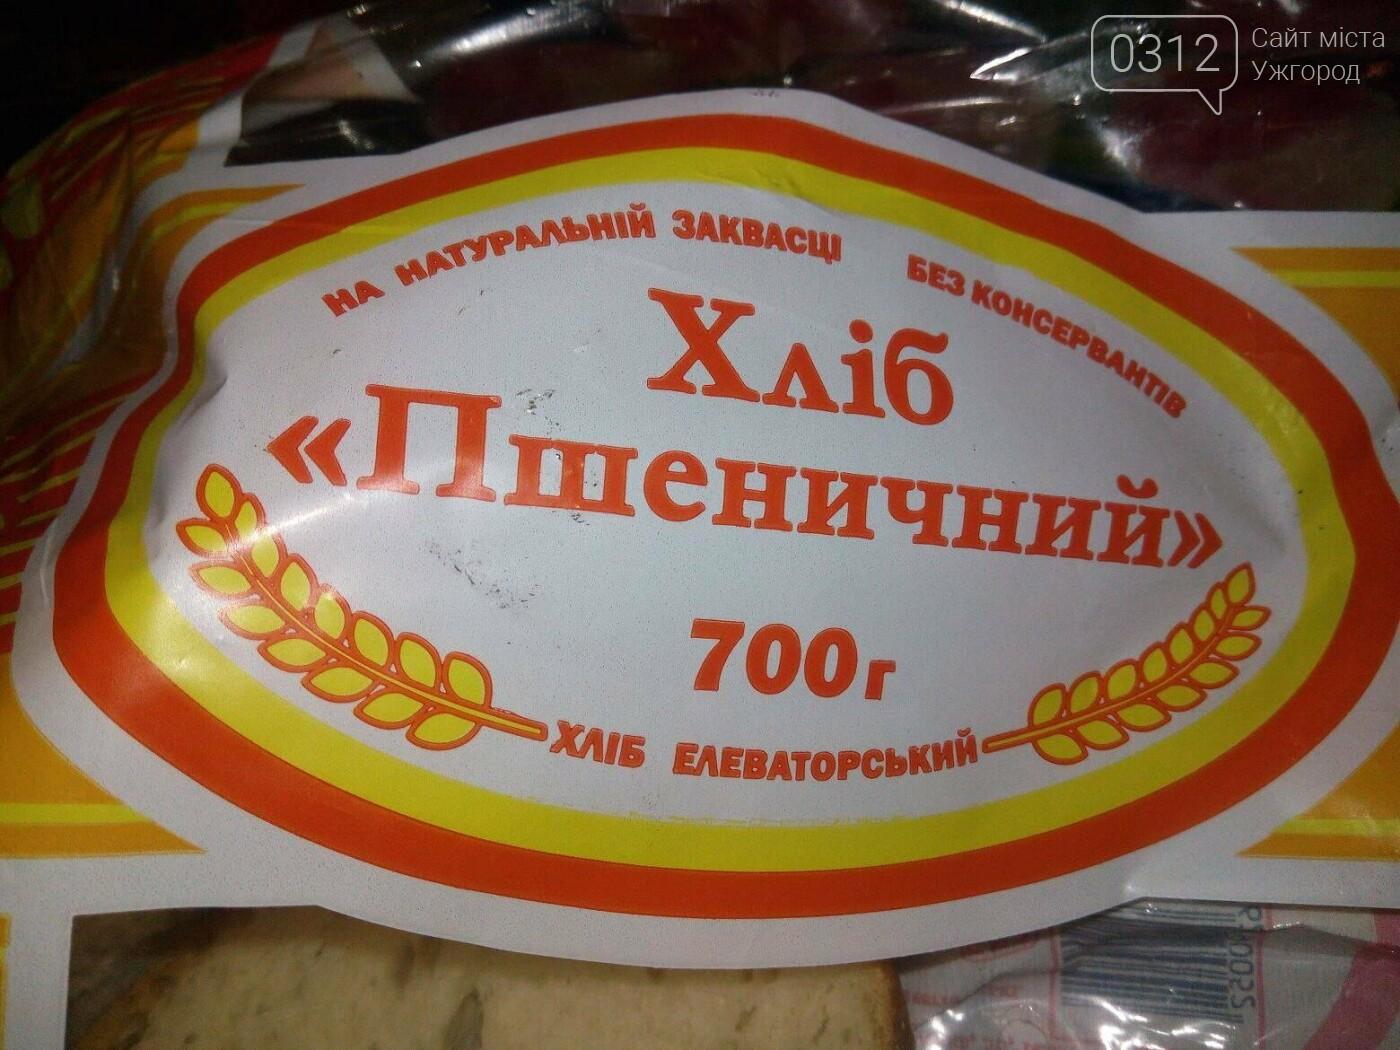 Будьте обережні: в Ужгороді продають хліб зі склом (ФОТО), фото-1